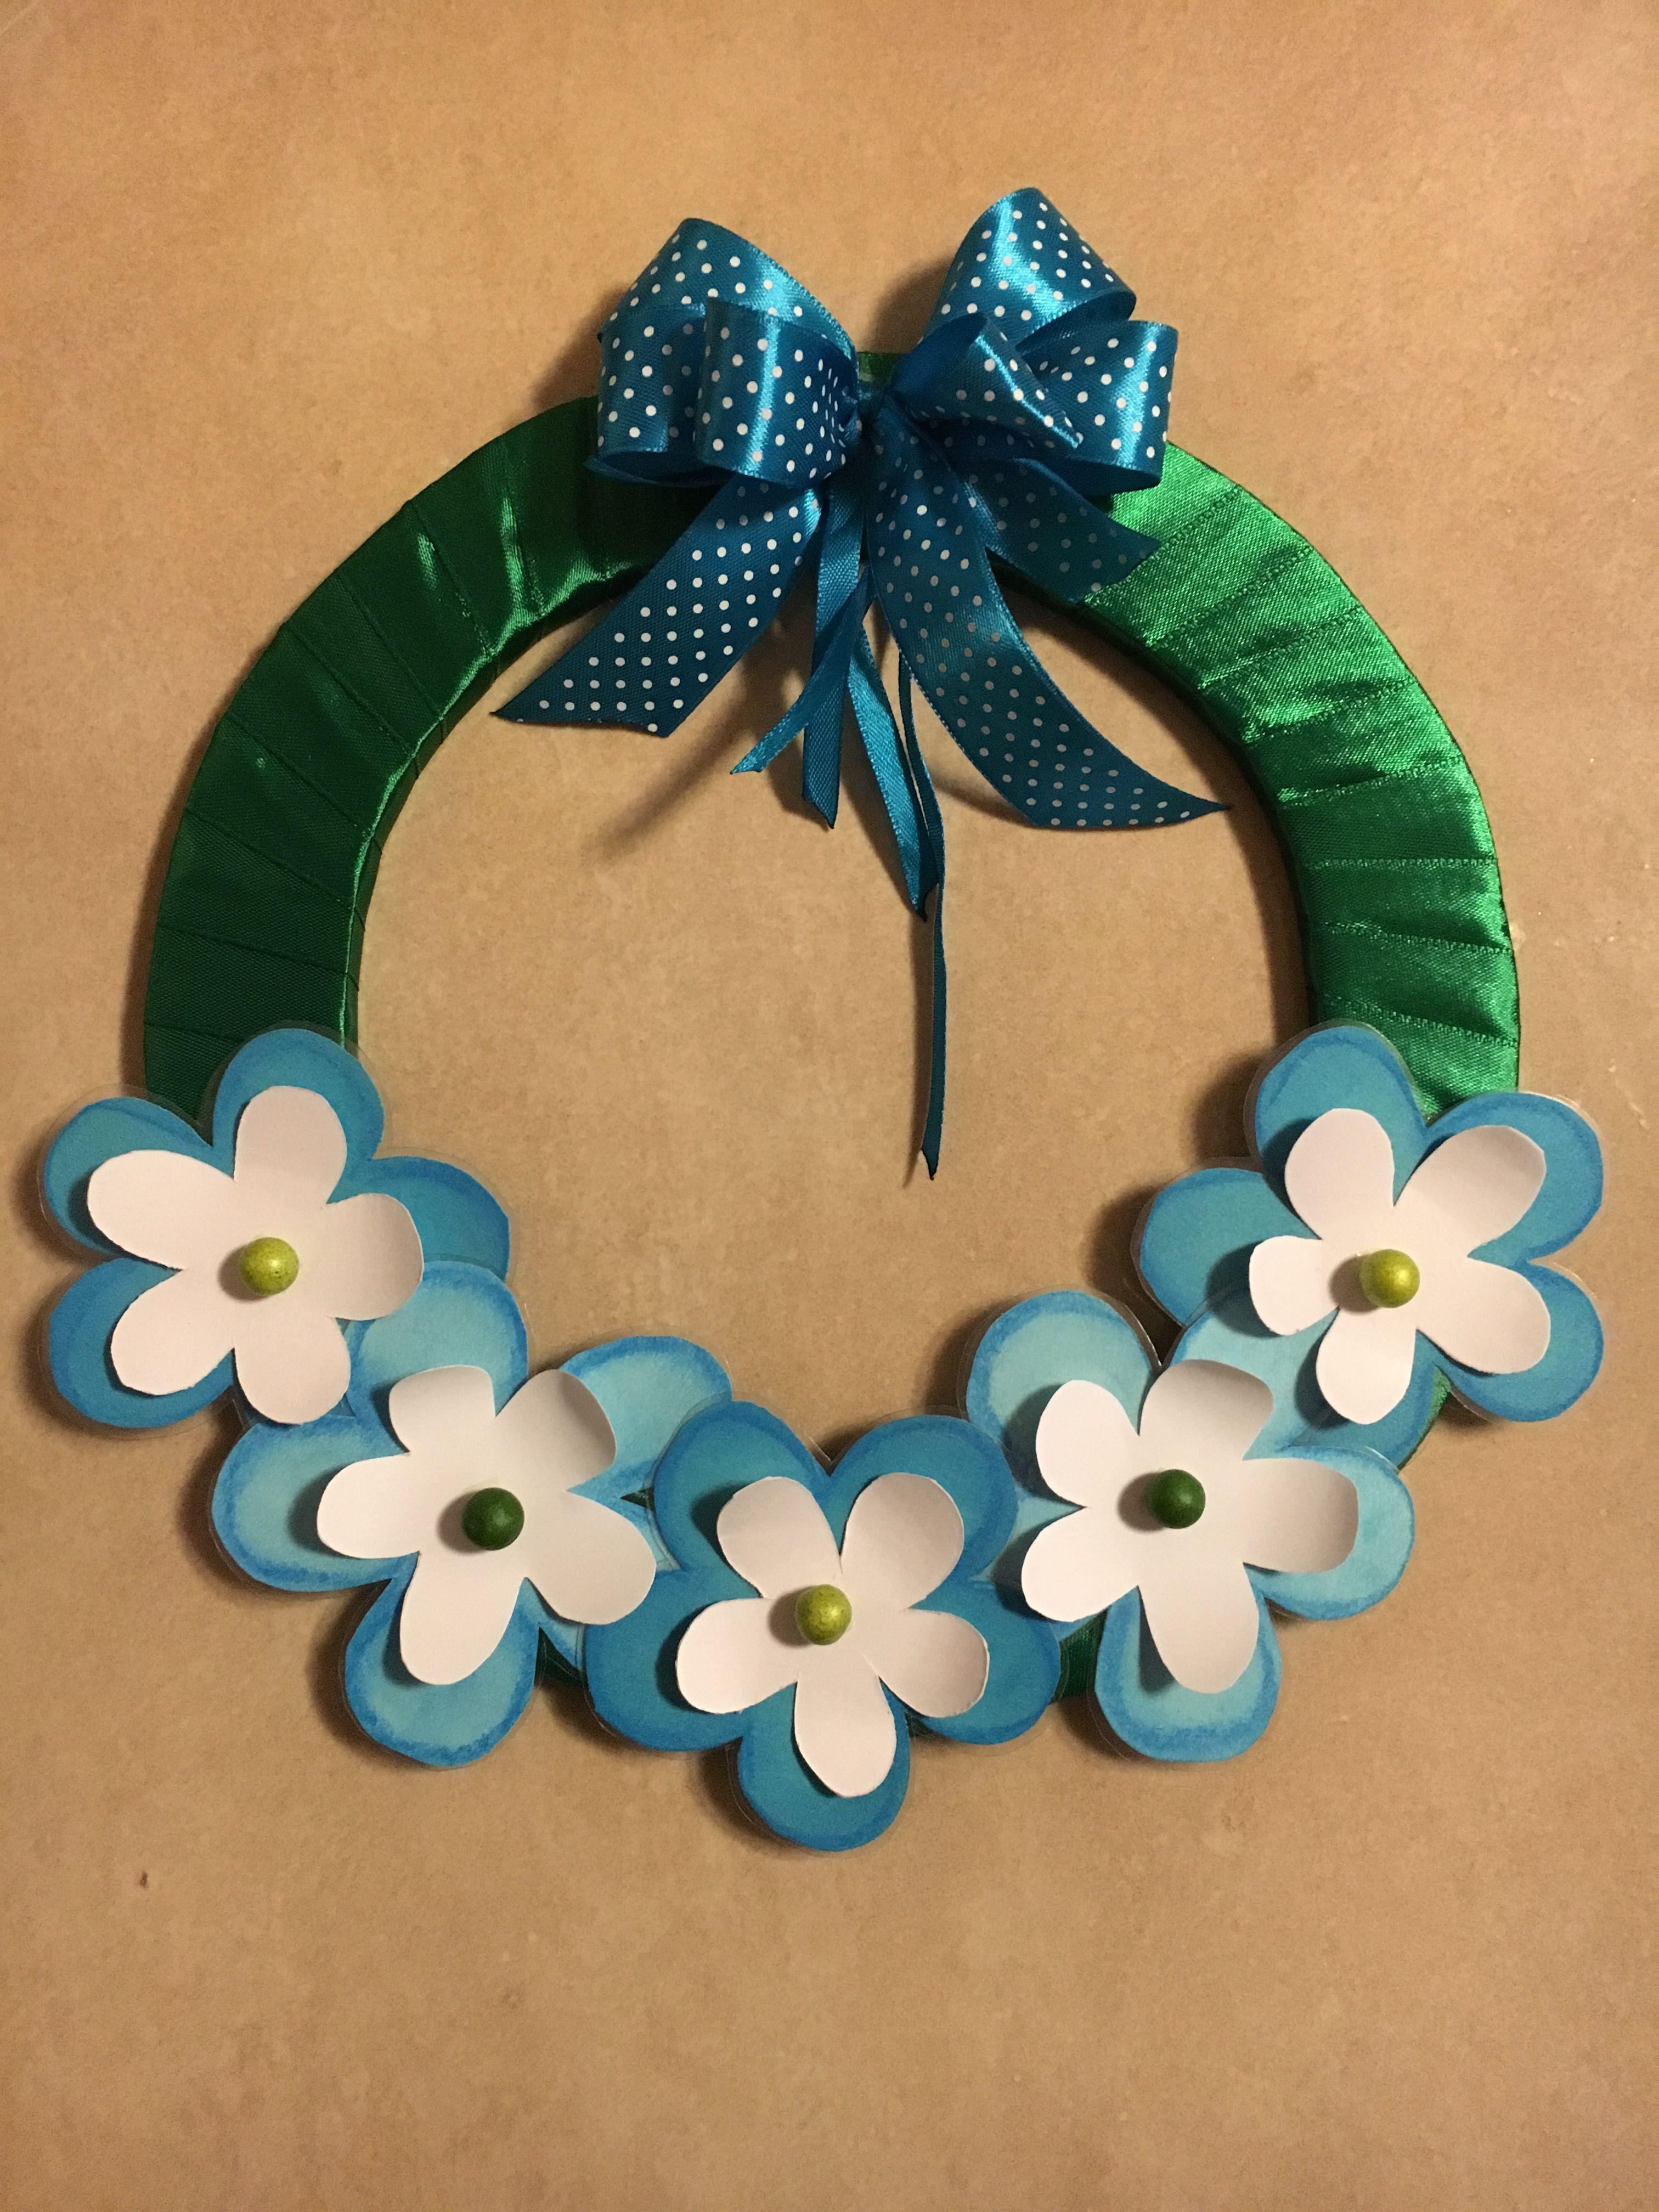 Wiosna Sweet Slodko Milosc Dekoracja Przedszkole Kwiaty Crafts Diy And Crafts Handmade